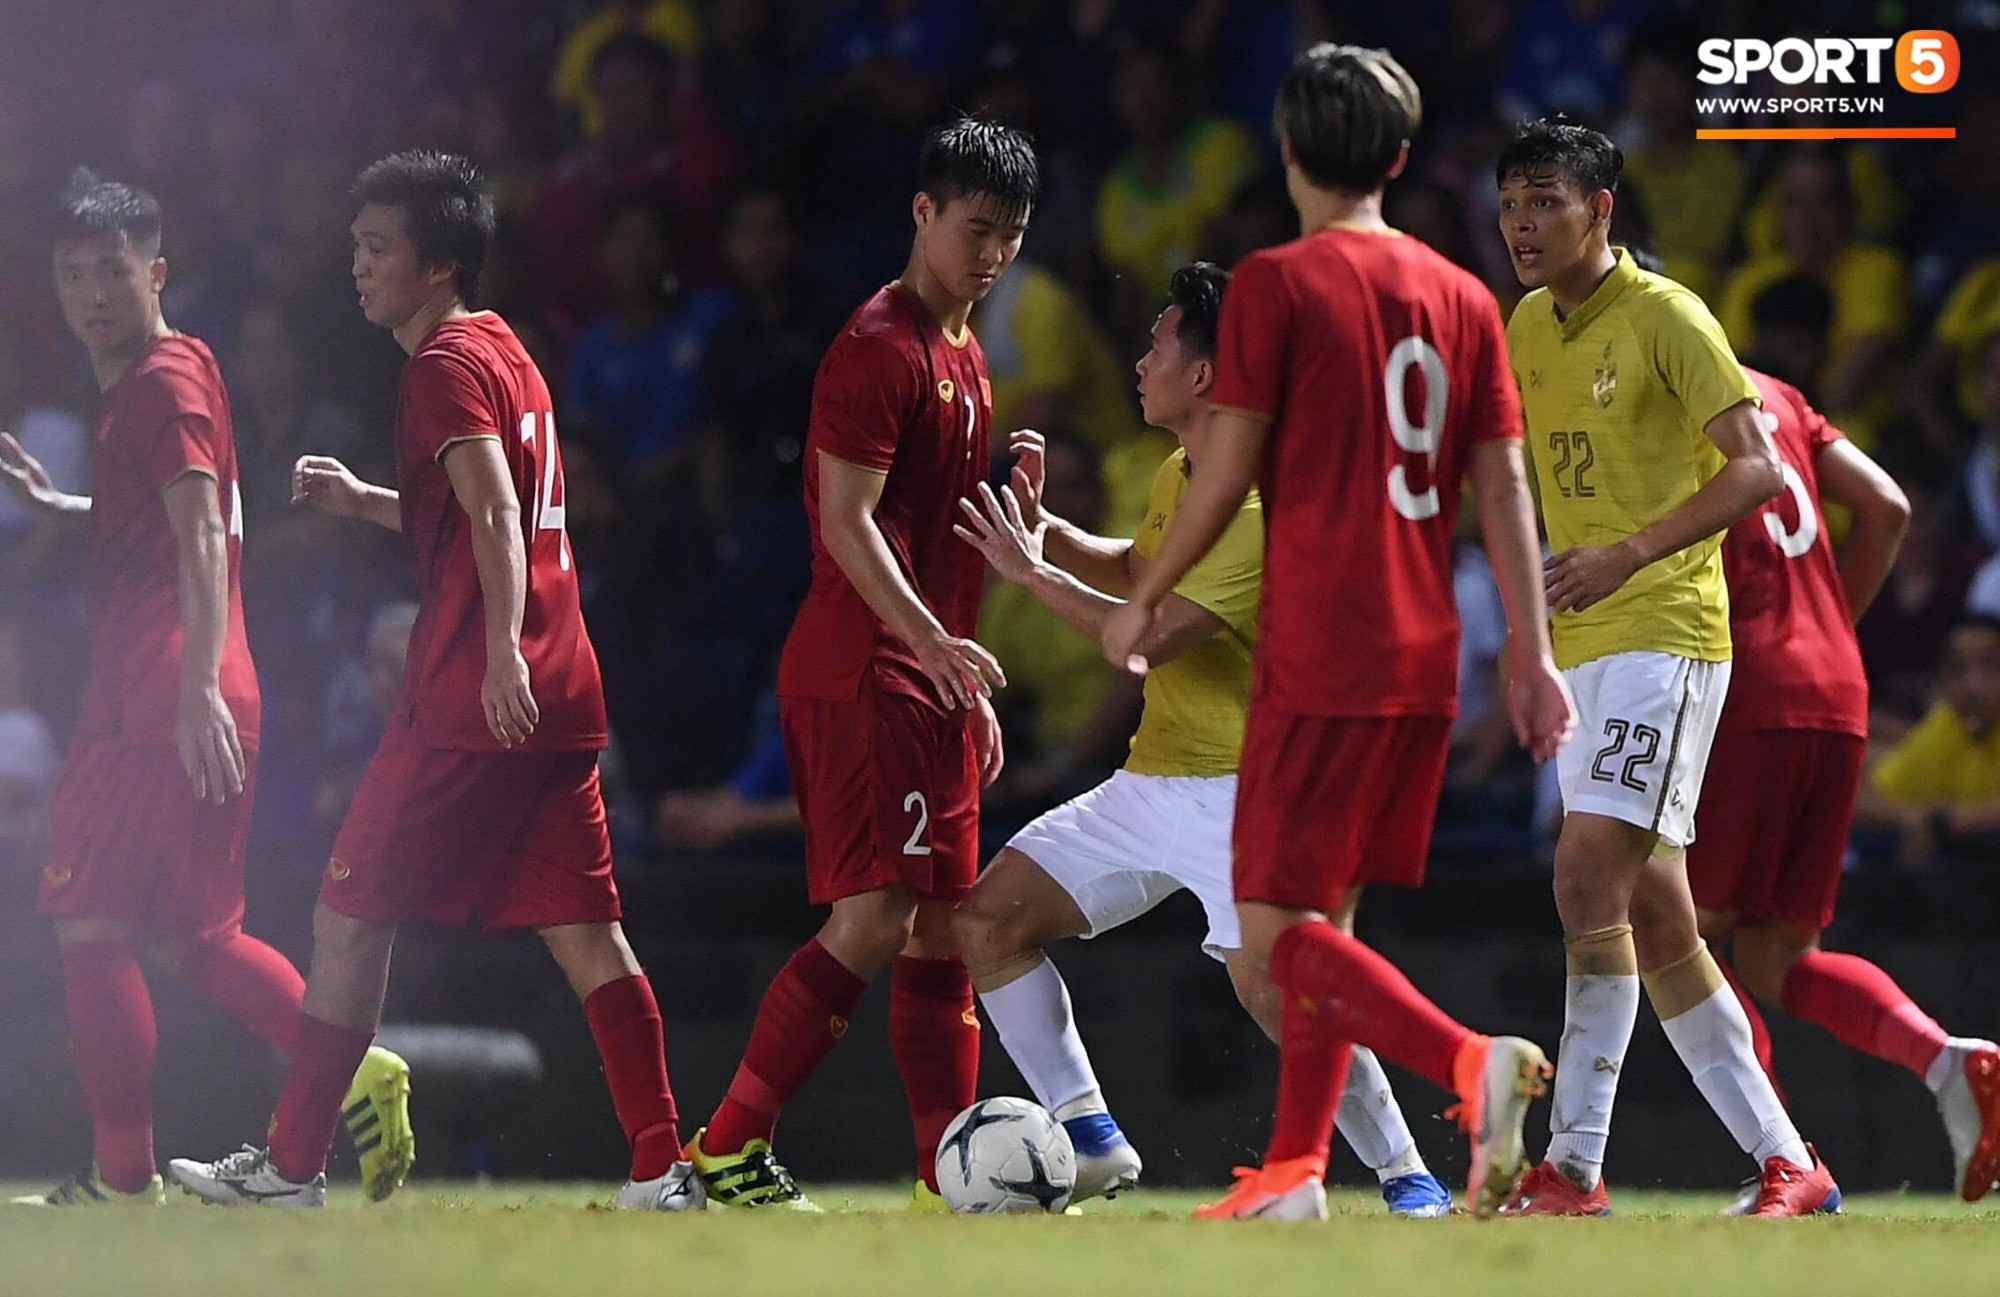 HLV Park Hang-seo lao vào sân phản ứng khi Văn Hậu bị đối phương tát vào mặt-1